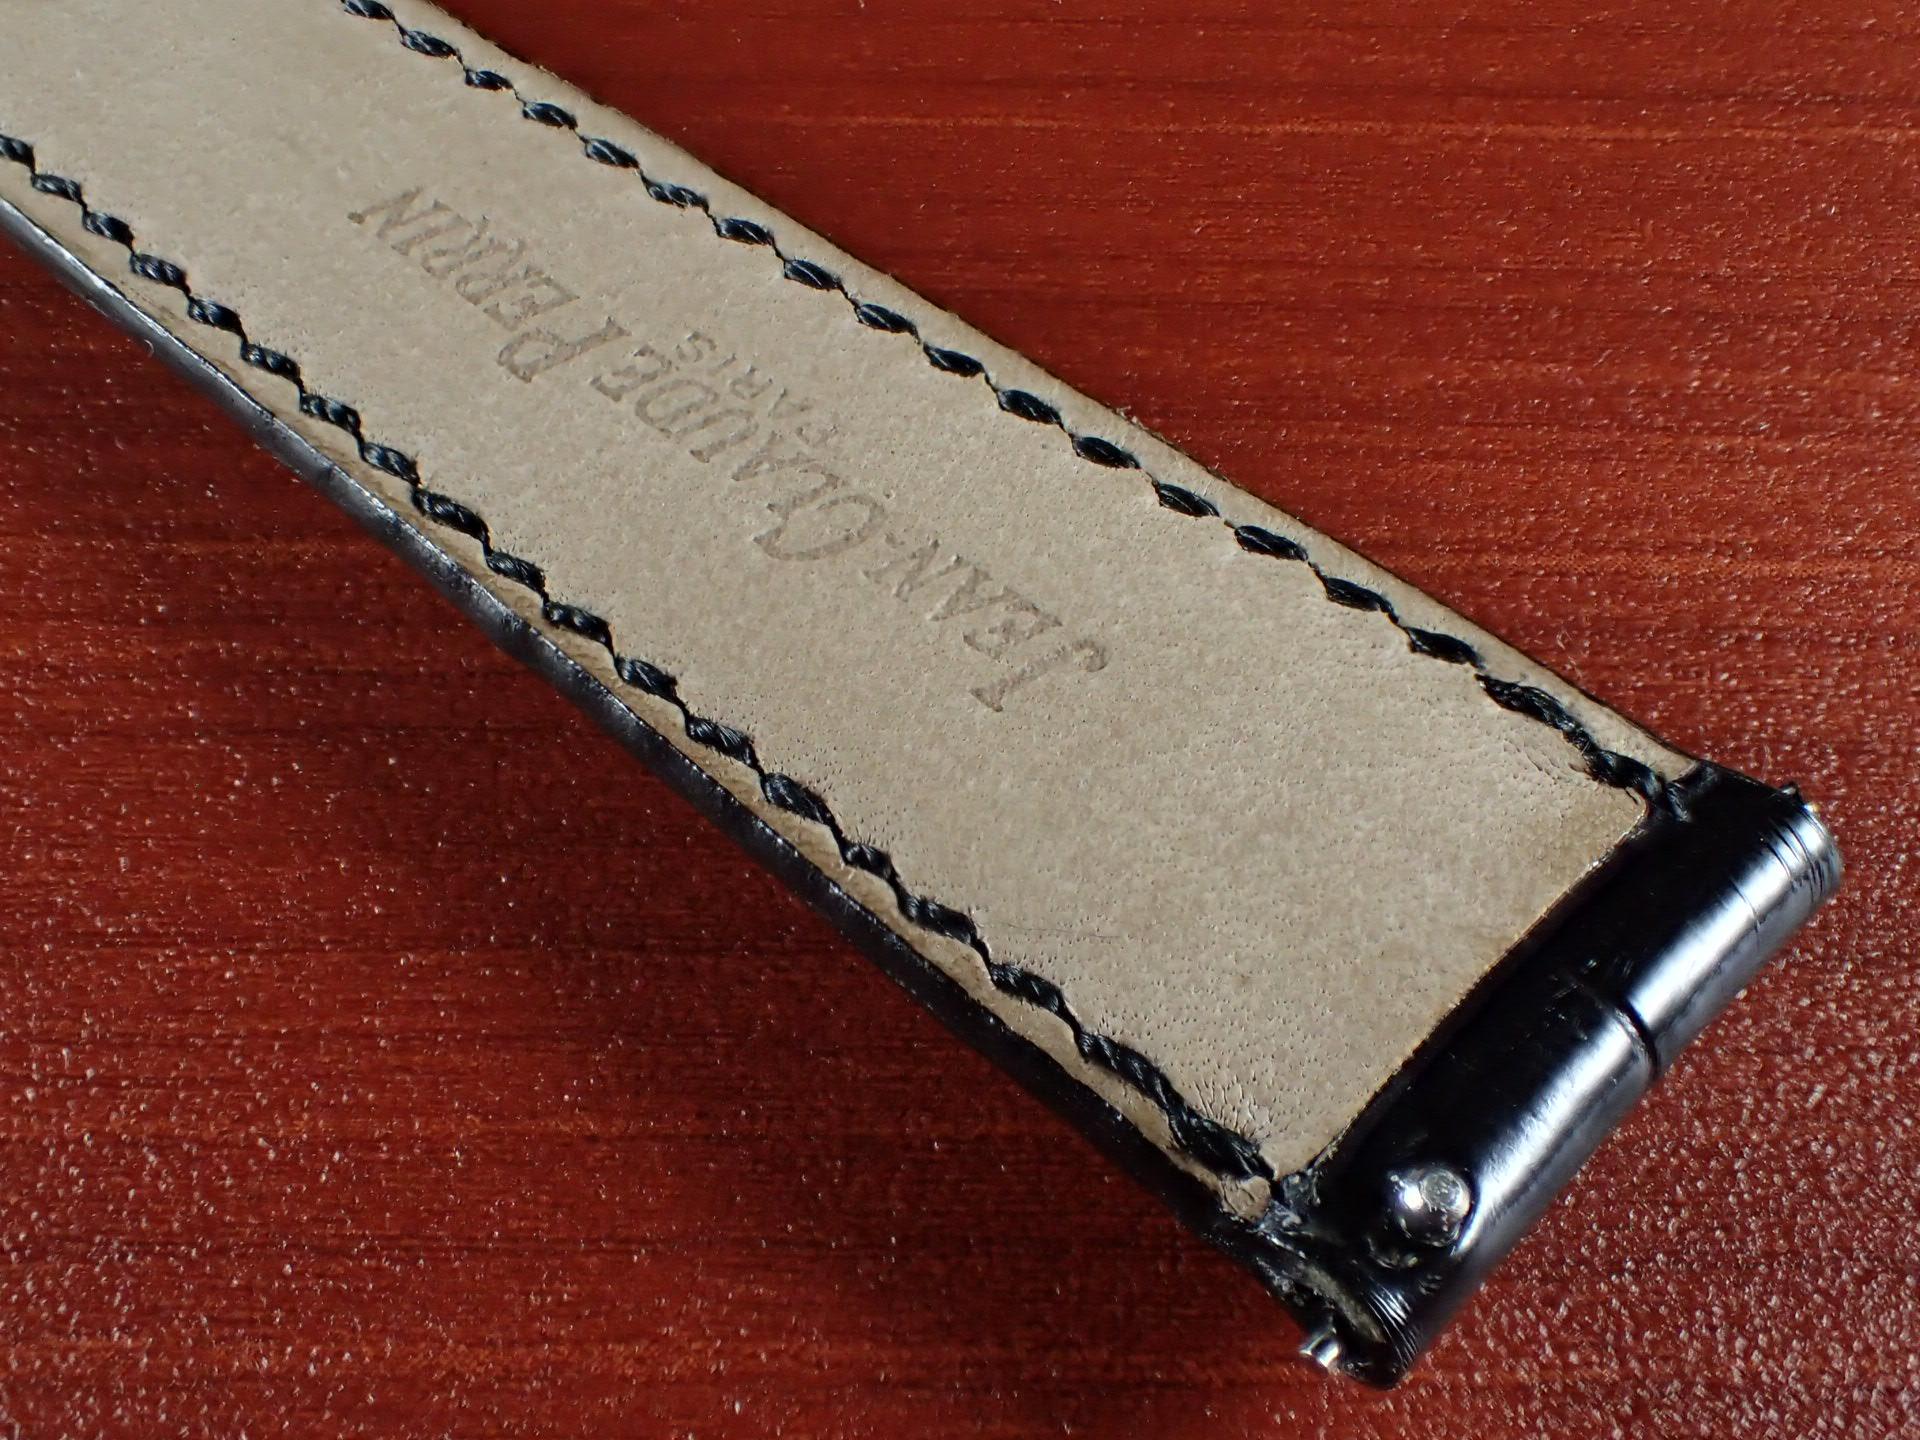 ジャン・クロード ペラン革ベルト(オールドペラン)クロコダイル ブラック 17mm 手縫いの写真6枚目